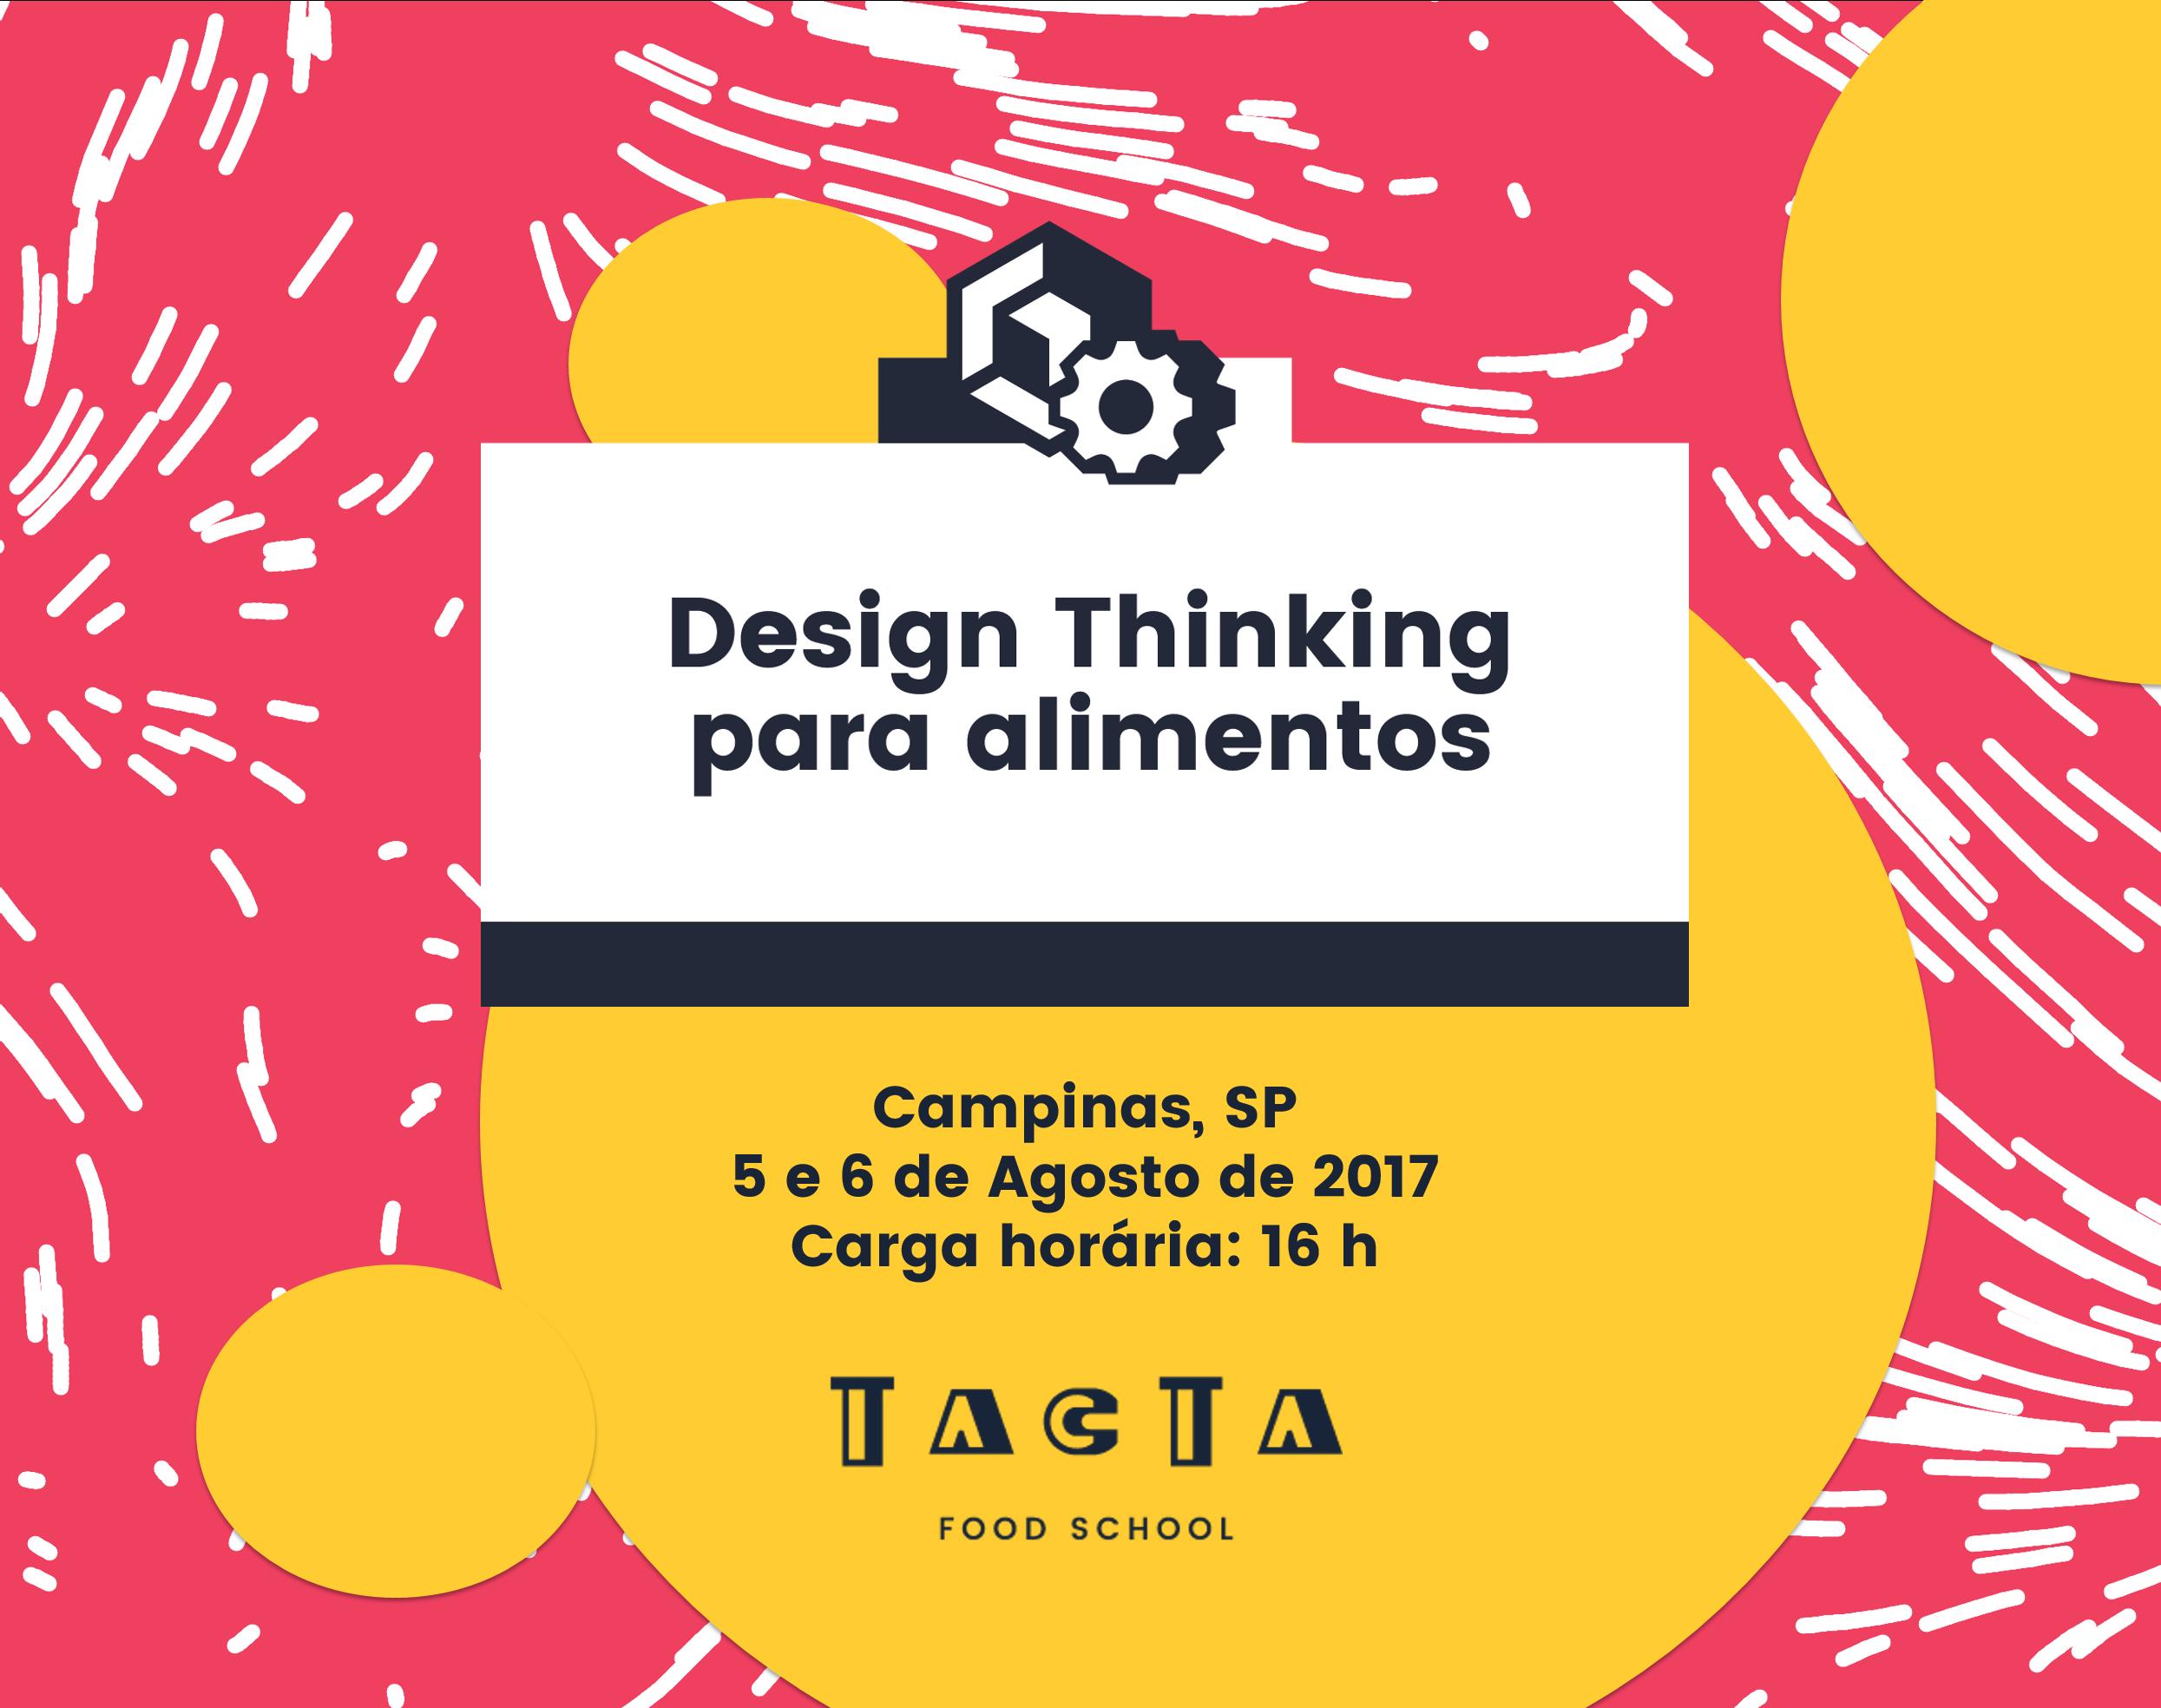 design, thinking, comida, tecnologia, P&D, alimentos, R&D, food, engenharia, ciência, pesquisa, desenvolvimento, oportunidade, sra inovadeira, inovação, desenvolver, produto,